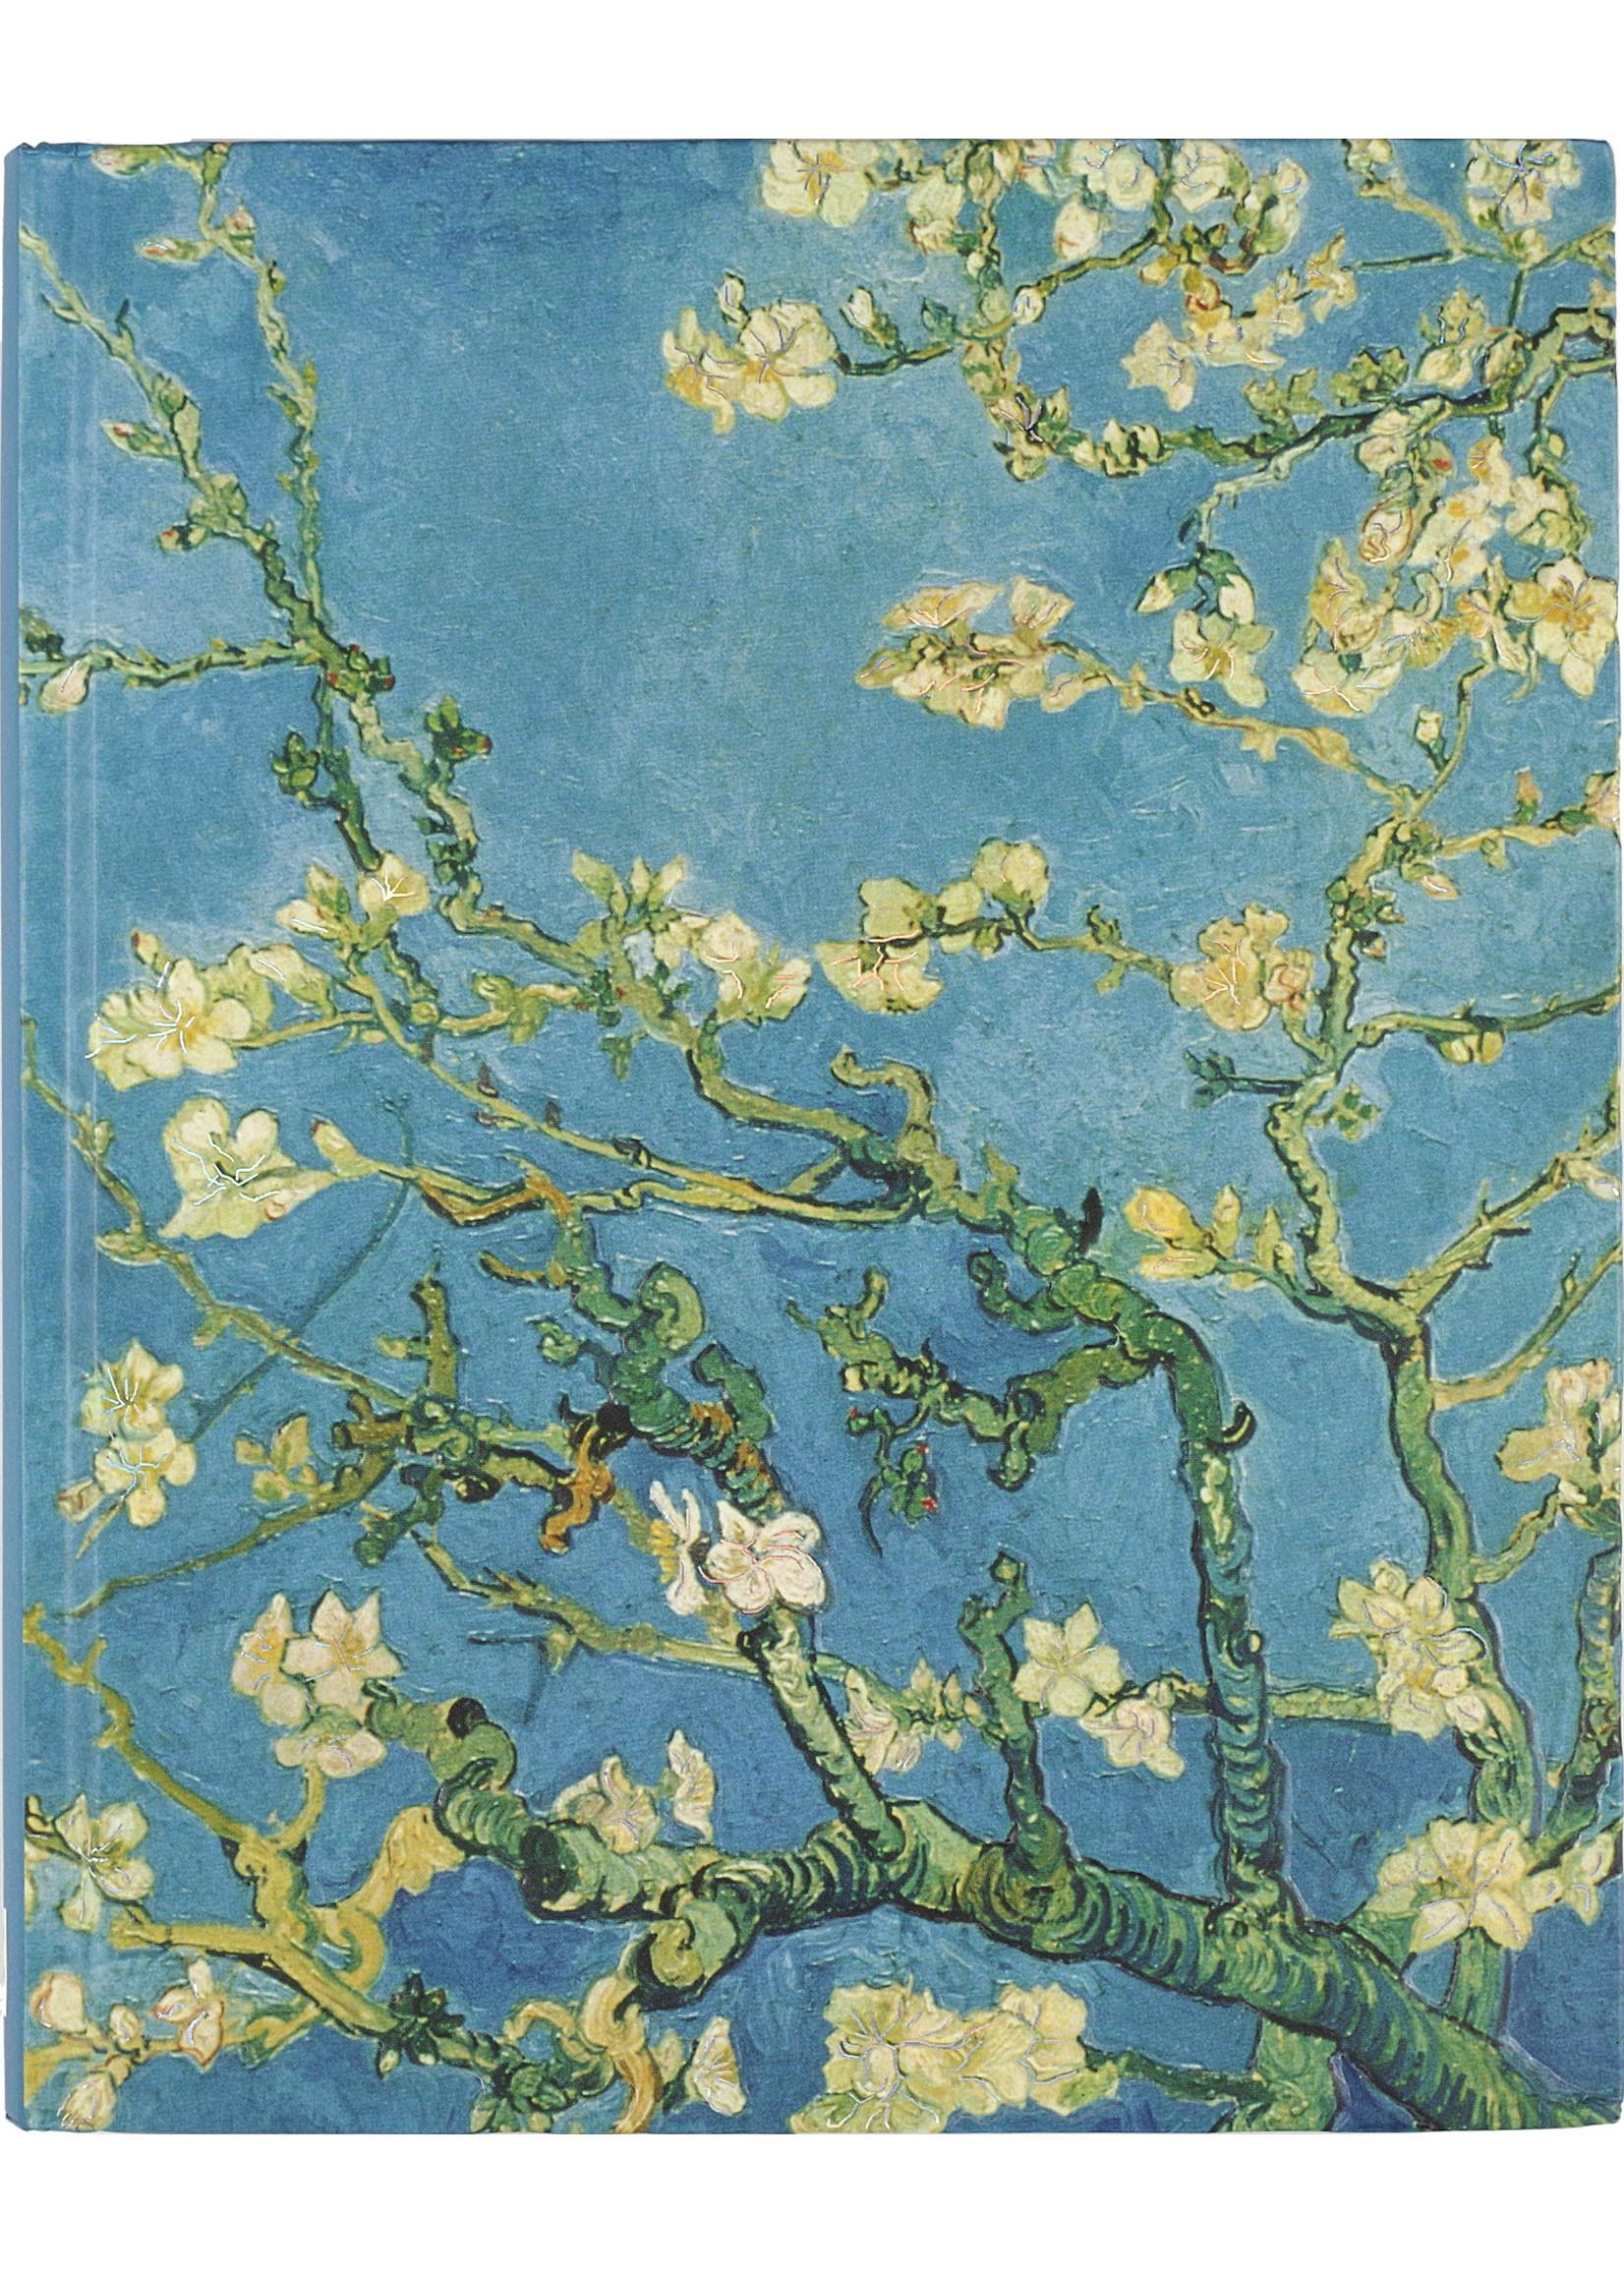 Peter Pauper Press Oversize Journal: Almond Blossom